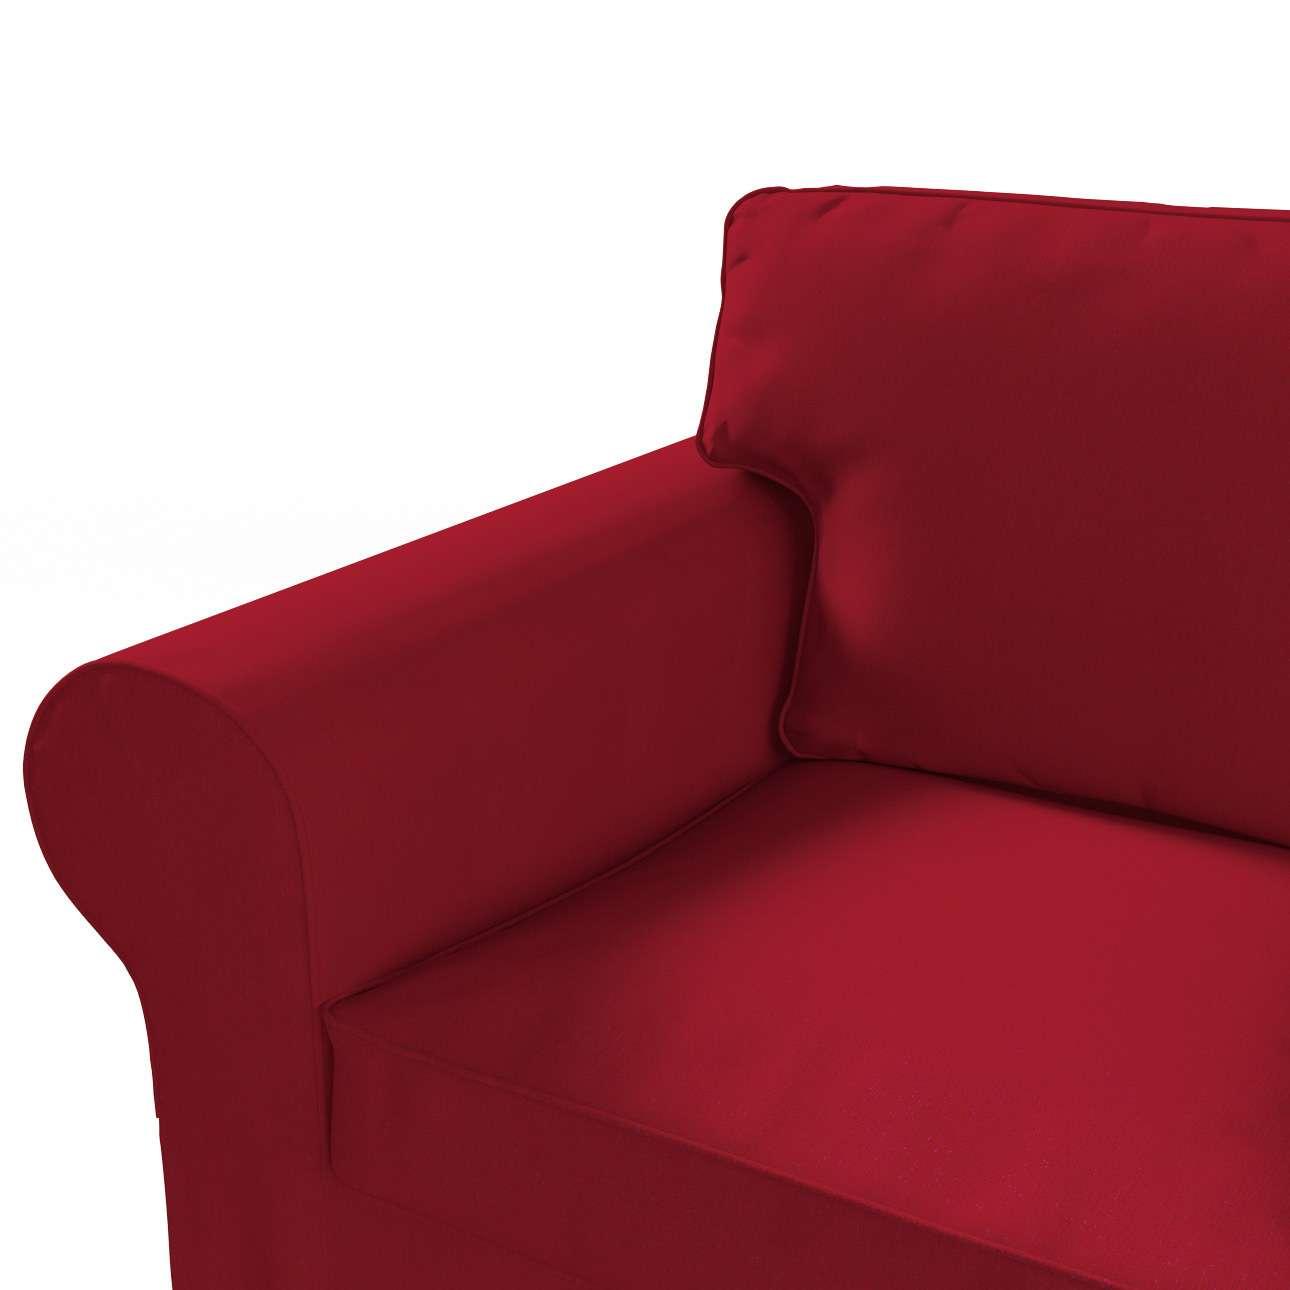 Pokrowiec na sofę Ektorp 3-osobową, rozkładaną STARY MODEL Sofa Ektorp 3-osobowa rozkładana w kolekcji Chenille, tkanina: 702-24